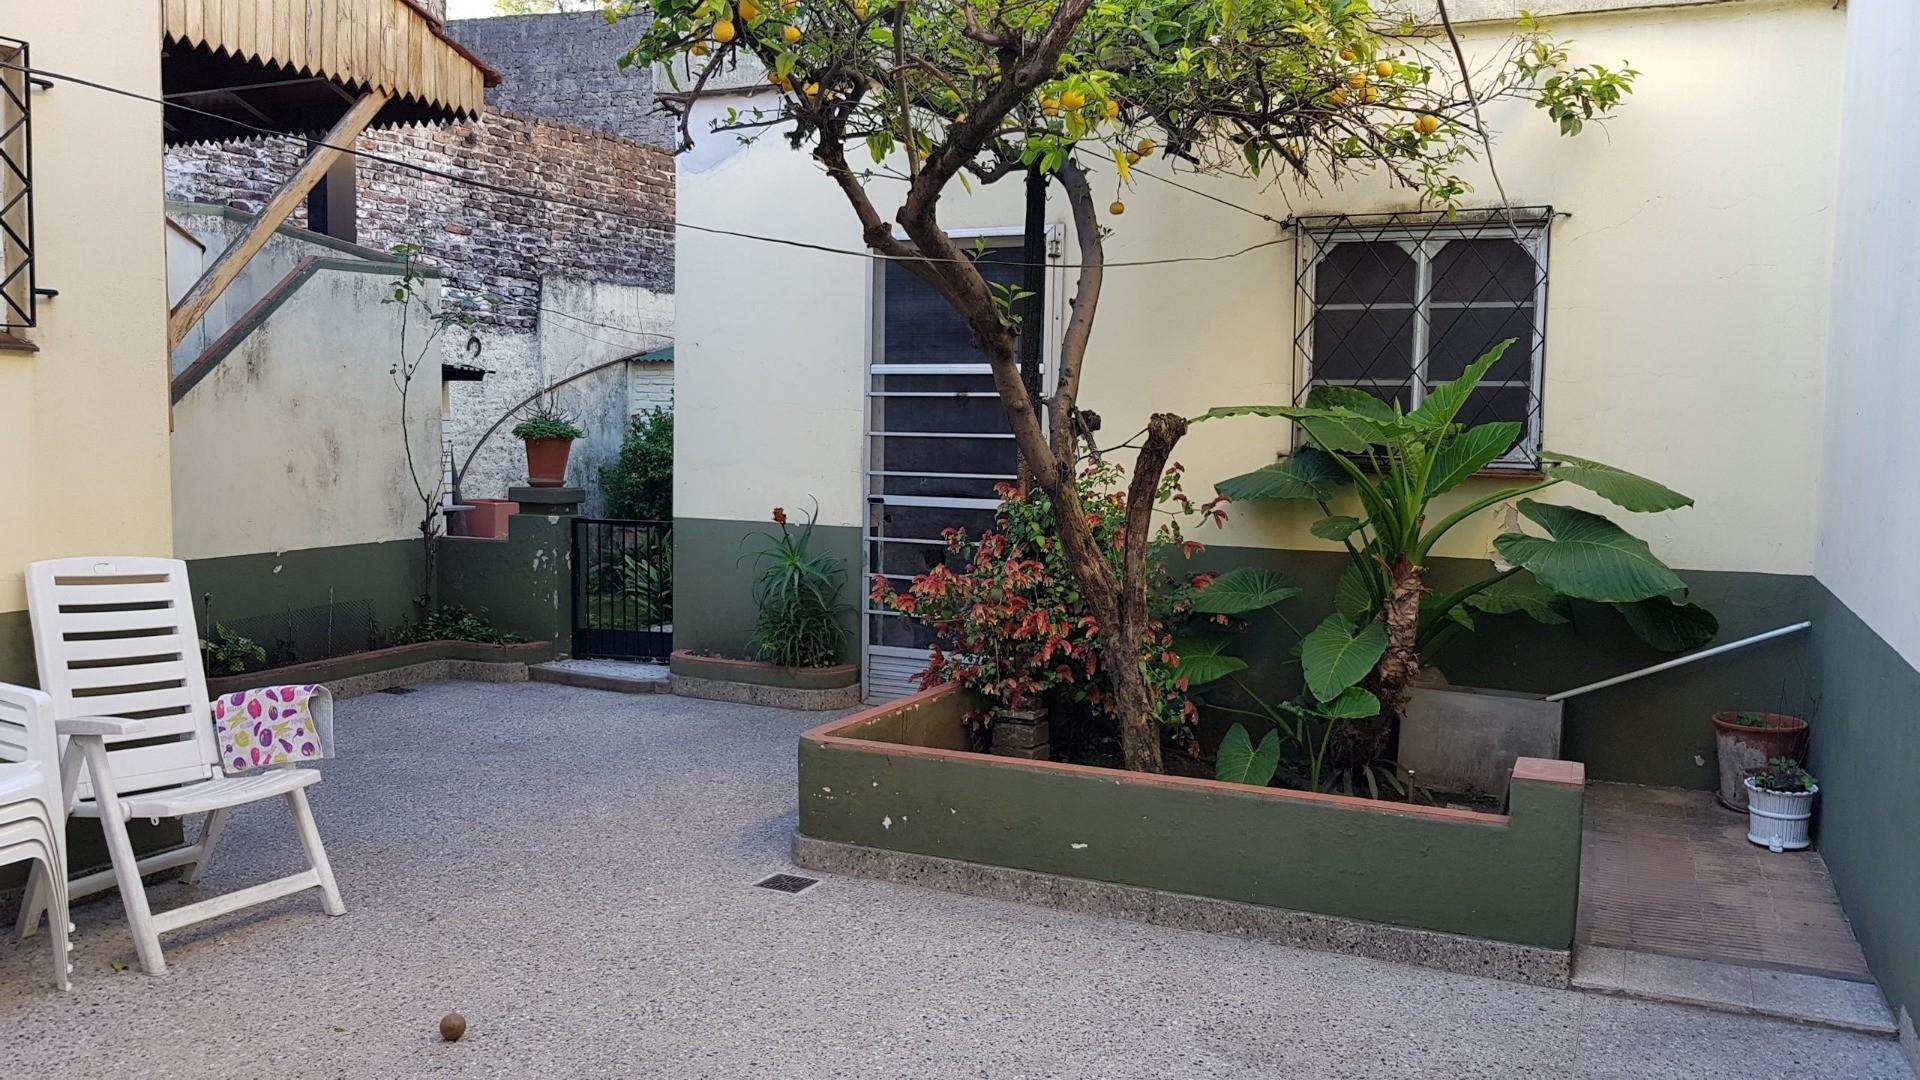 CASA 5 AMBIENTES EN 2 PLANTAS CON JARDÍN, COCHERA, FONDO LIBRE, SOBRE AVENIDA MITRE Y GRAN VIDRIERA  - Foto 23